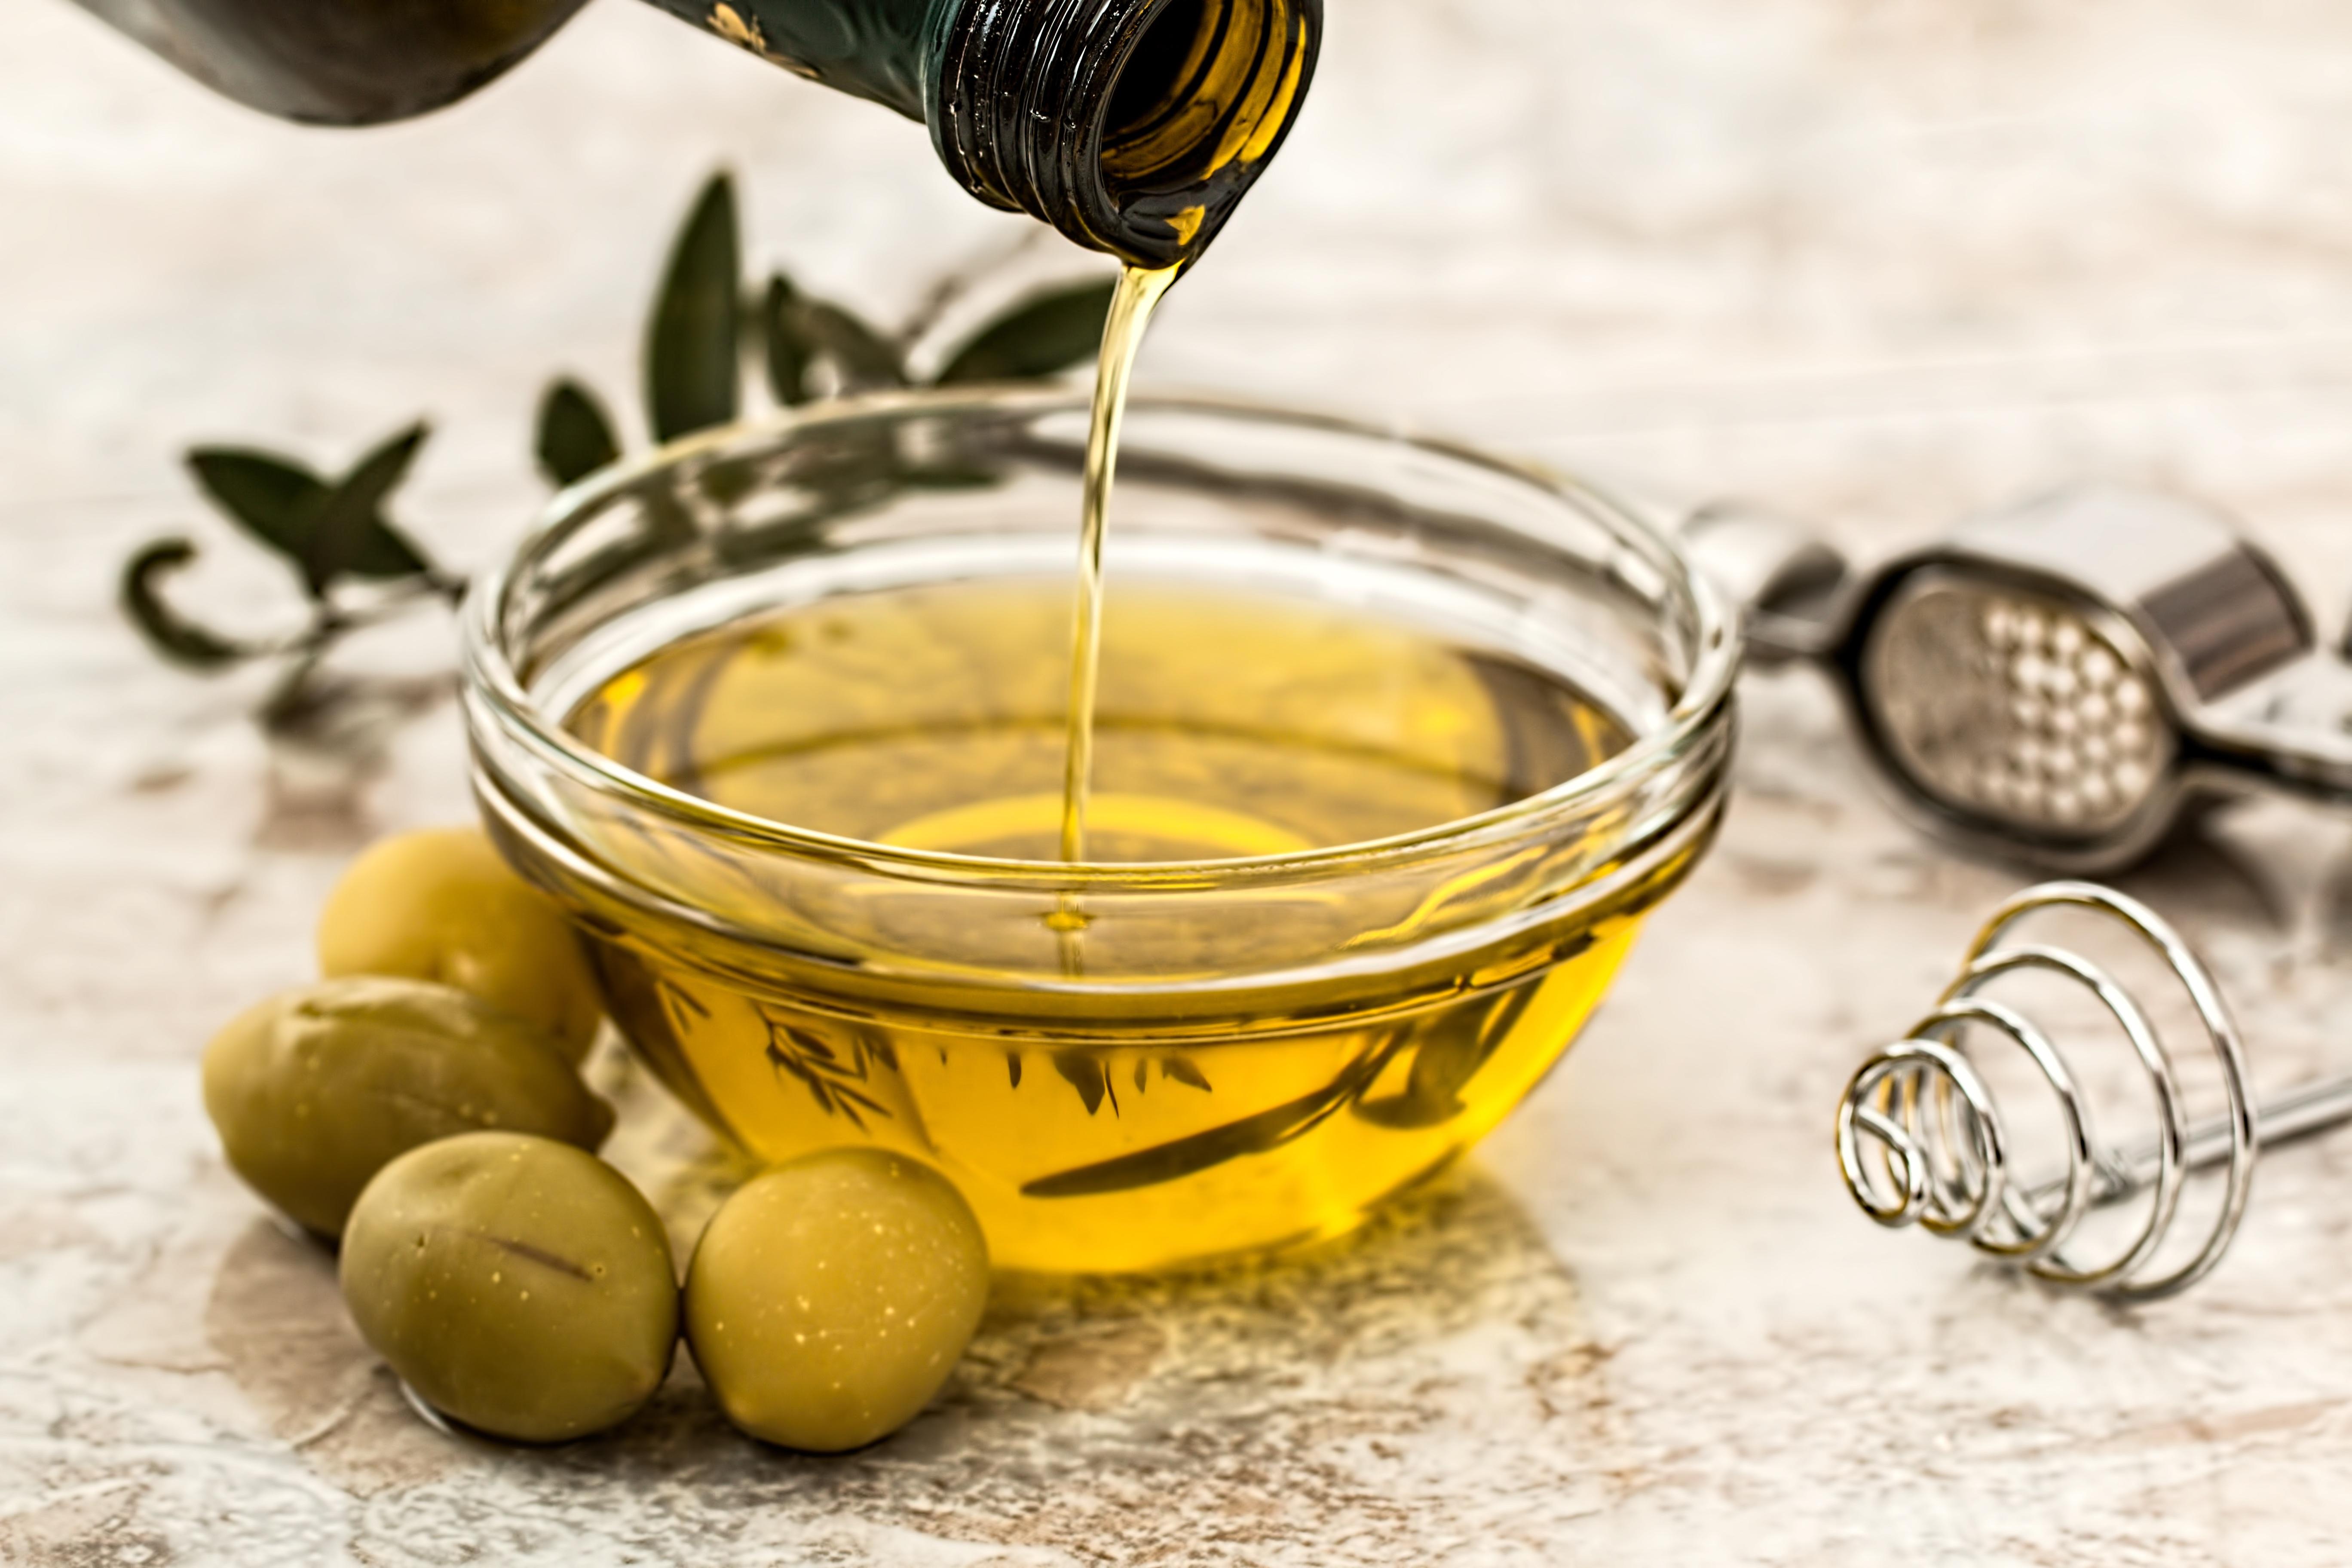 Smak zdrowia – Prozdrowotne właściwości olejów spożywczych – hit czy mit?